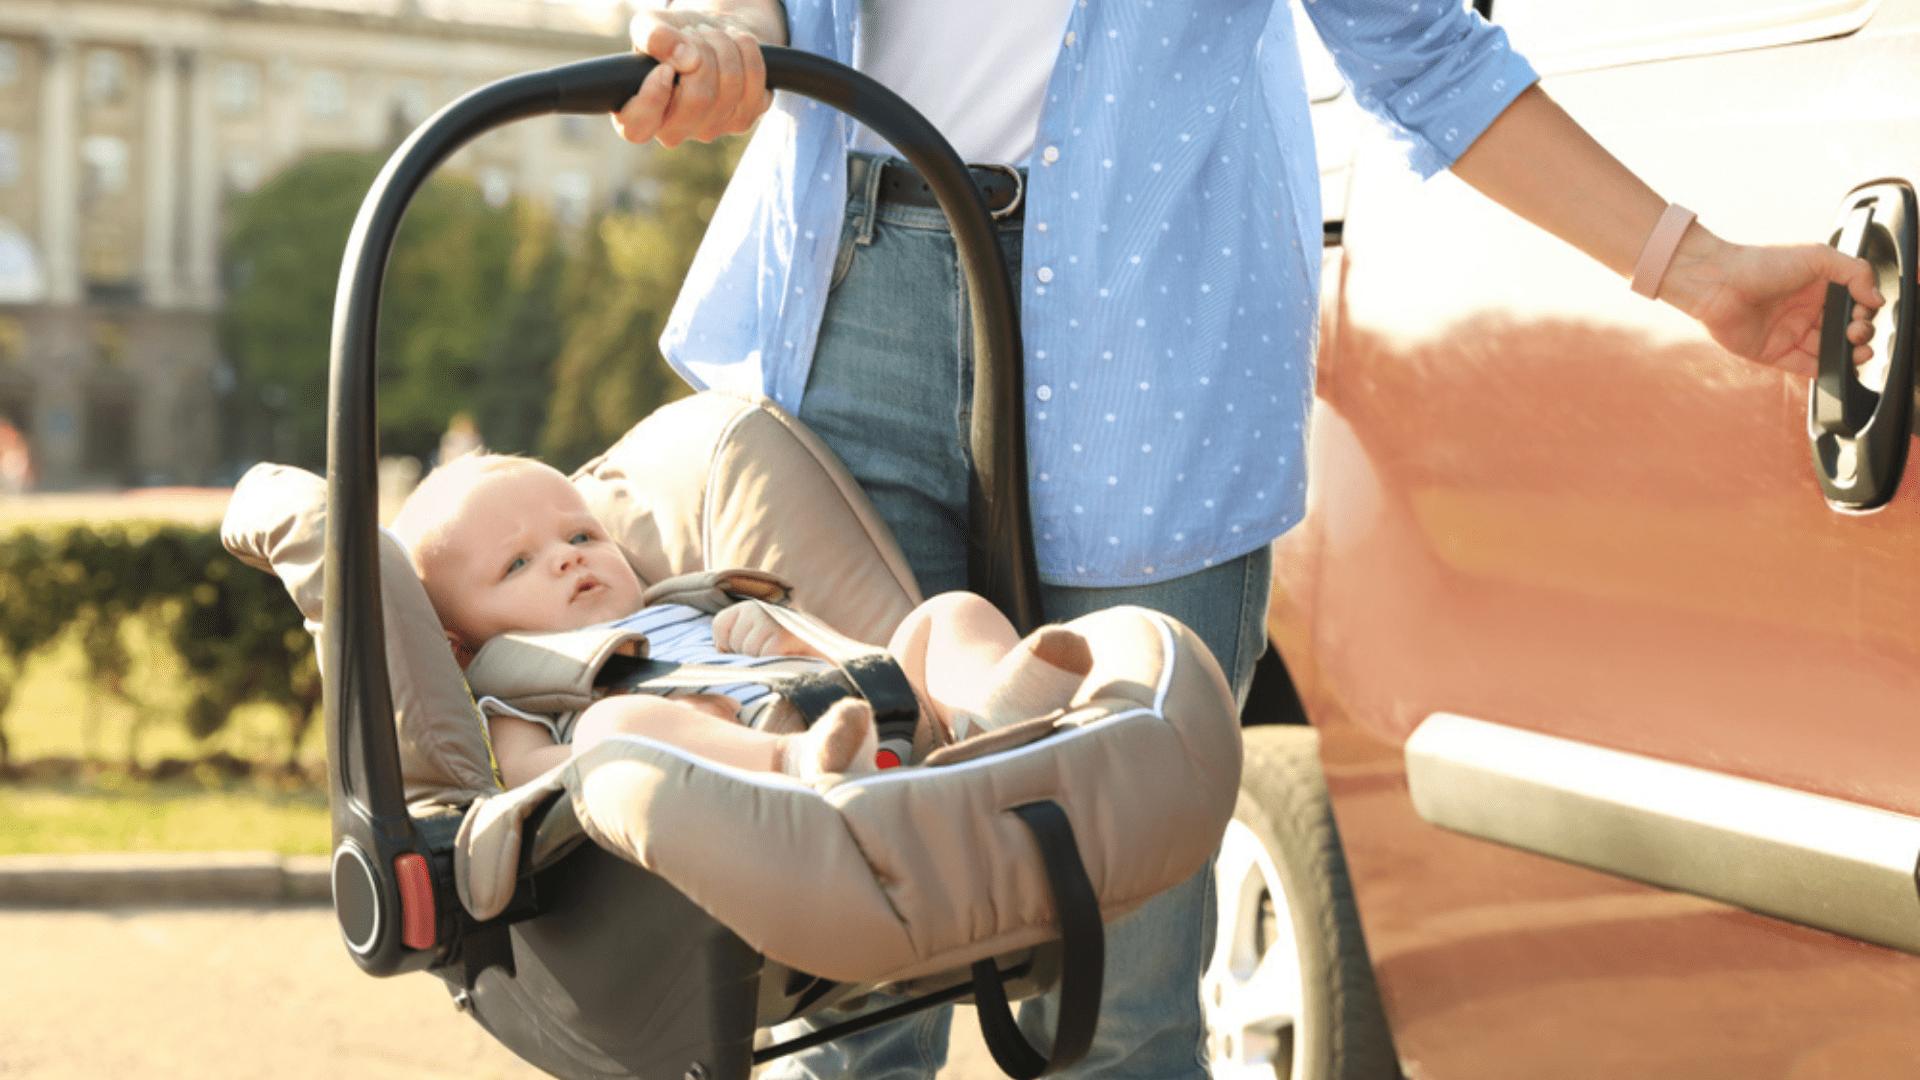 Entenda o que é o Travel System no carrinho de bebê! (Imagem: Reprodução/Shutterstock)